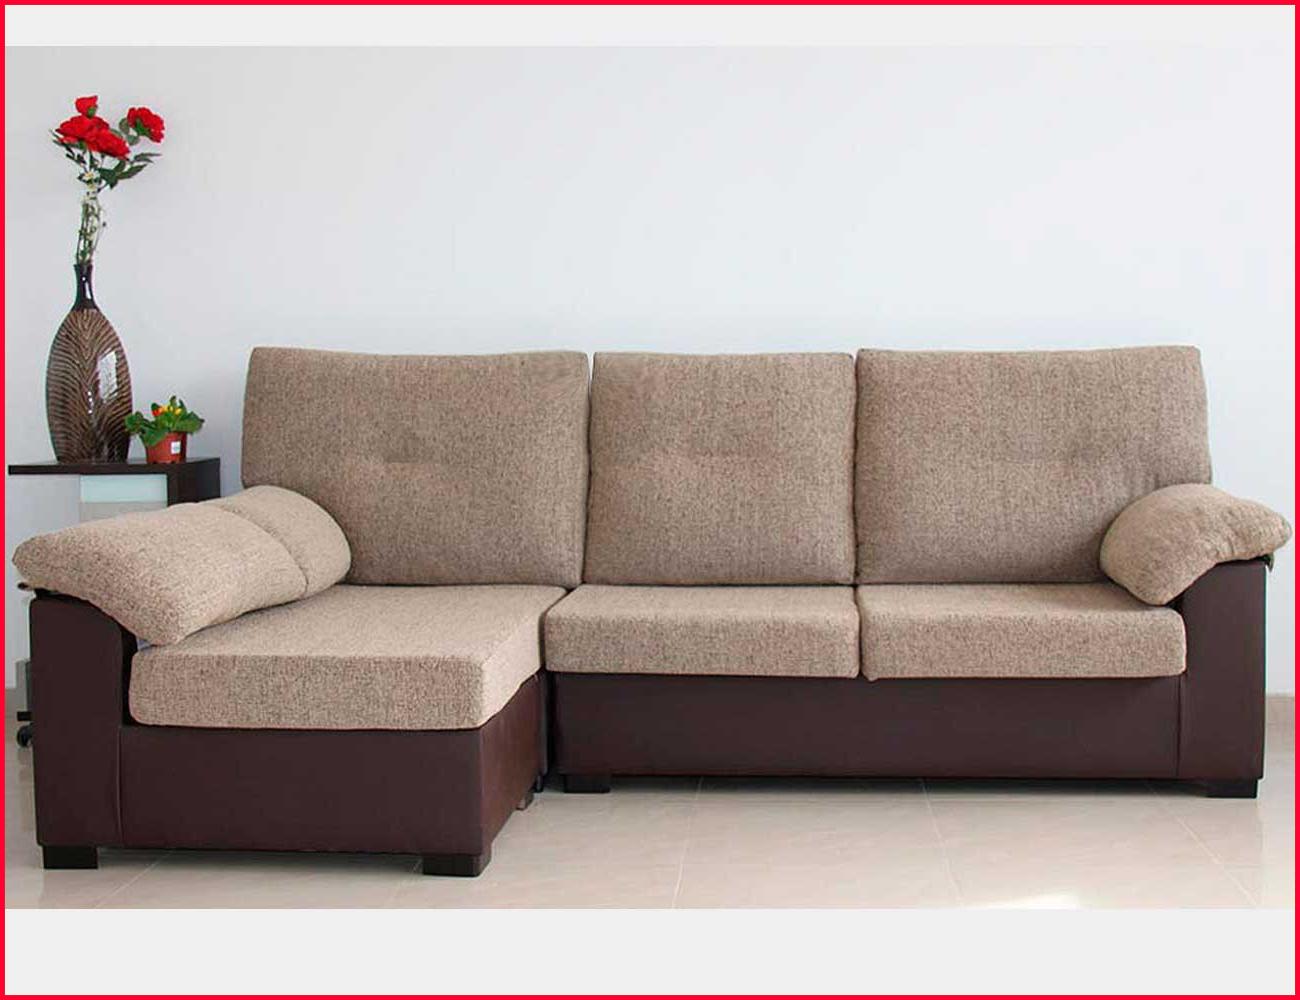 Sofas De Diseño Baratos Drdp sofas Cama De Diseà O sofa Cama PequeO Excelente sofas